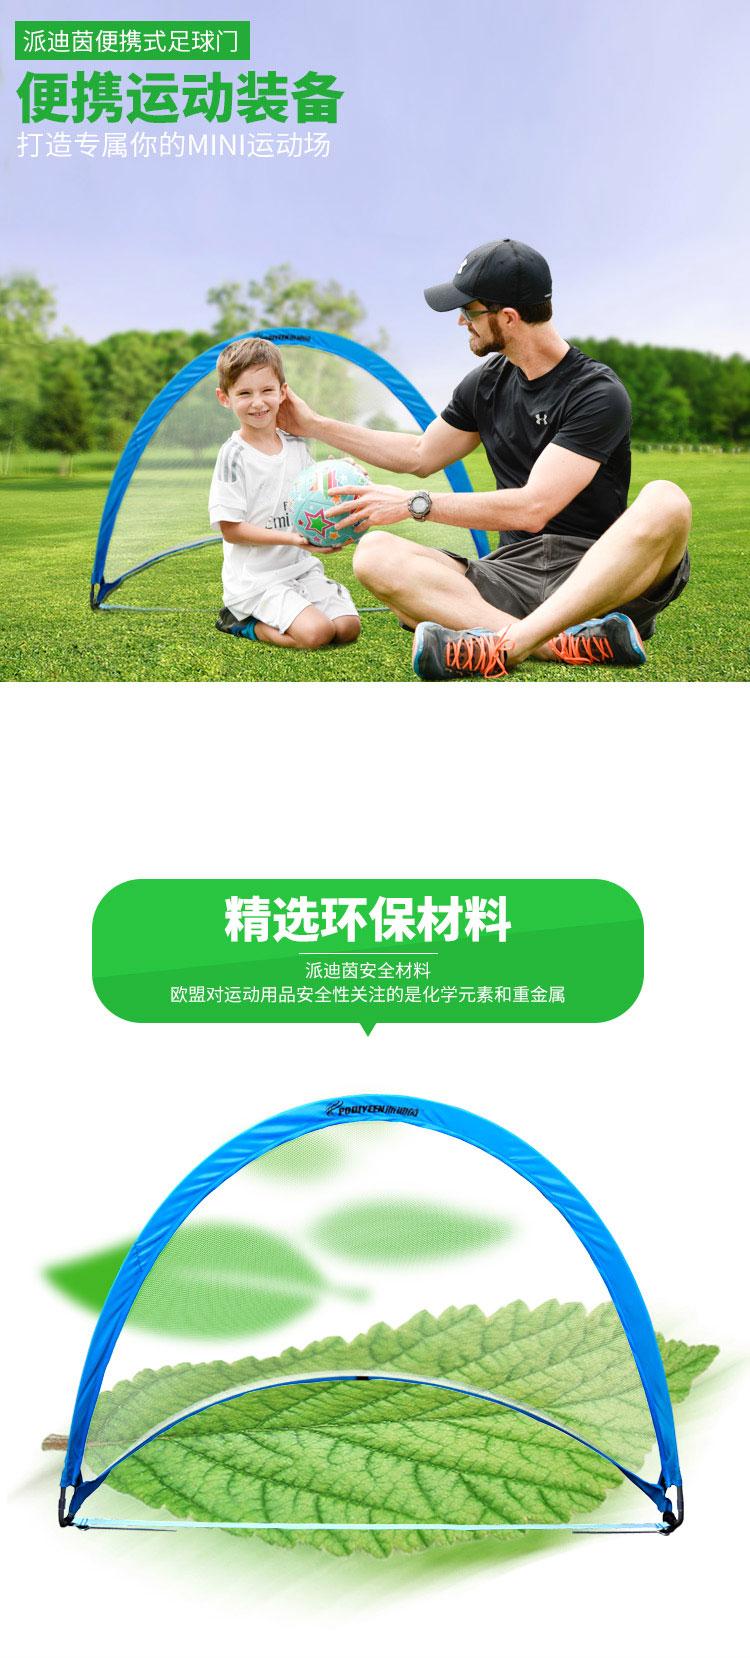 便携简易家用儿童足球门幼儿园折叠迷你小球门框户外沙滩玩具龙门-tmall_01.jpg